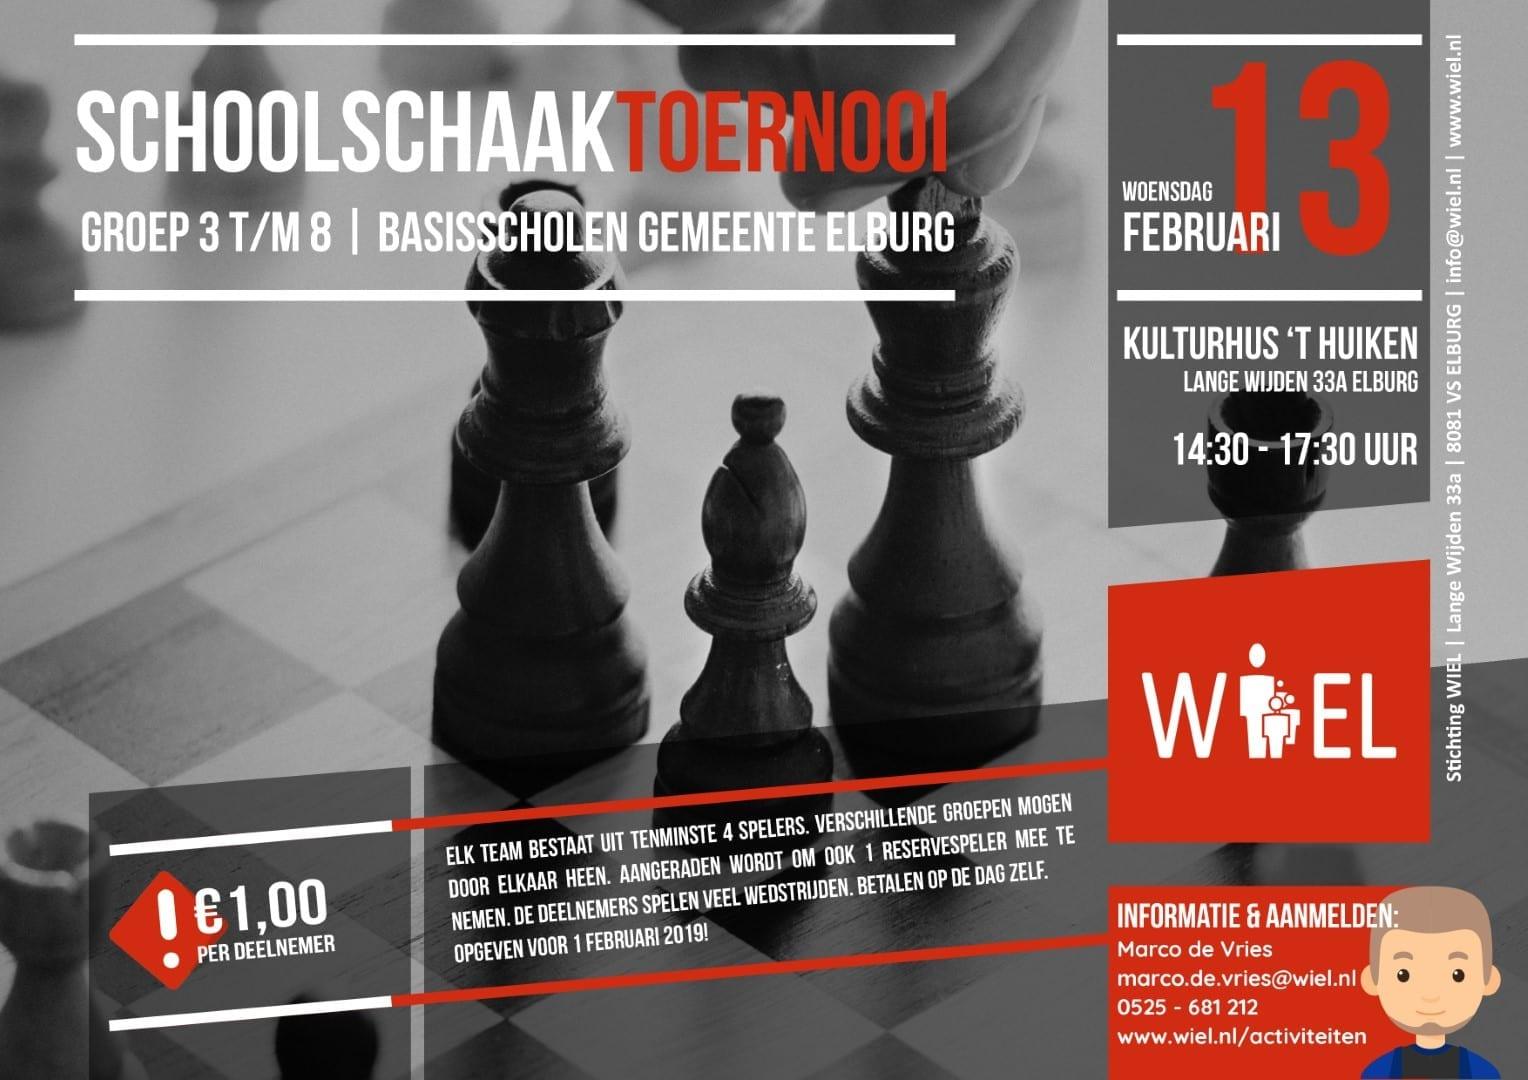 School schaakkampioenschap